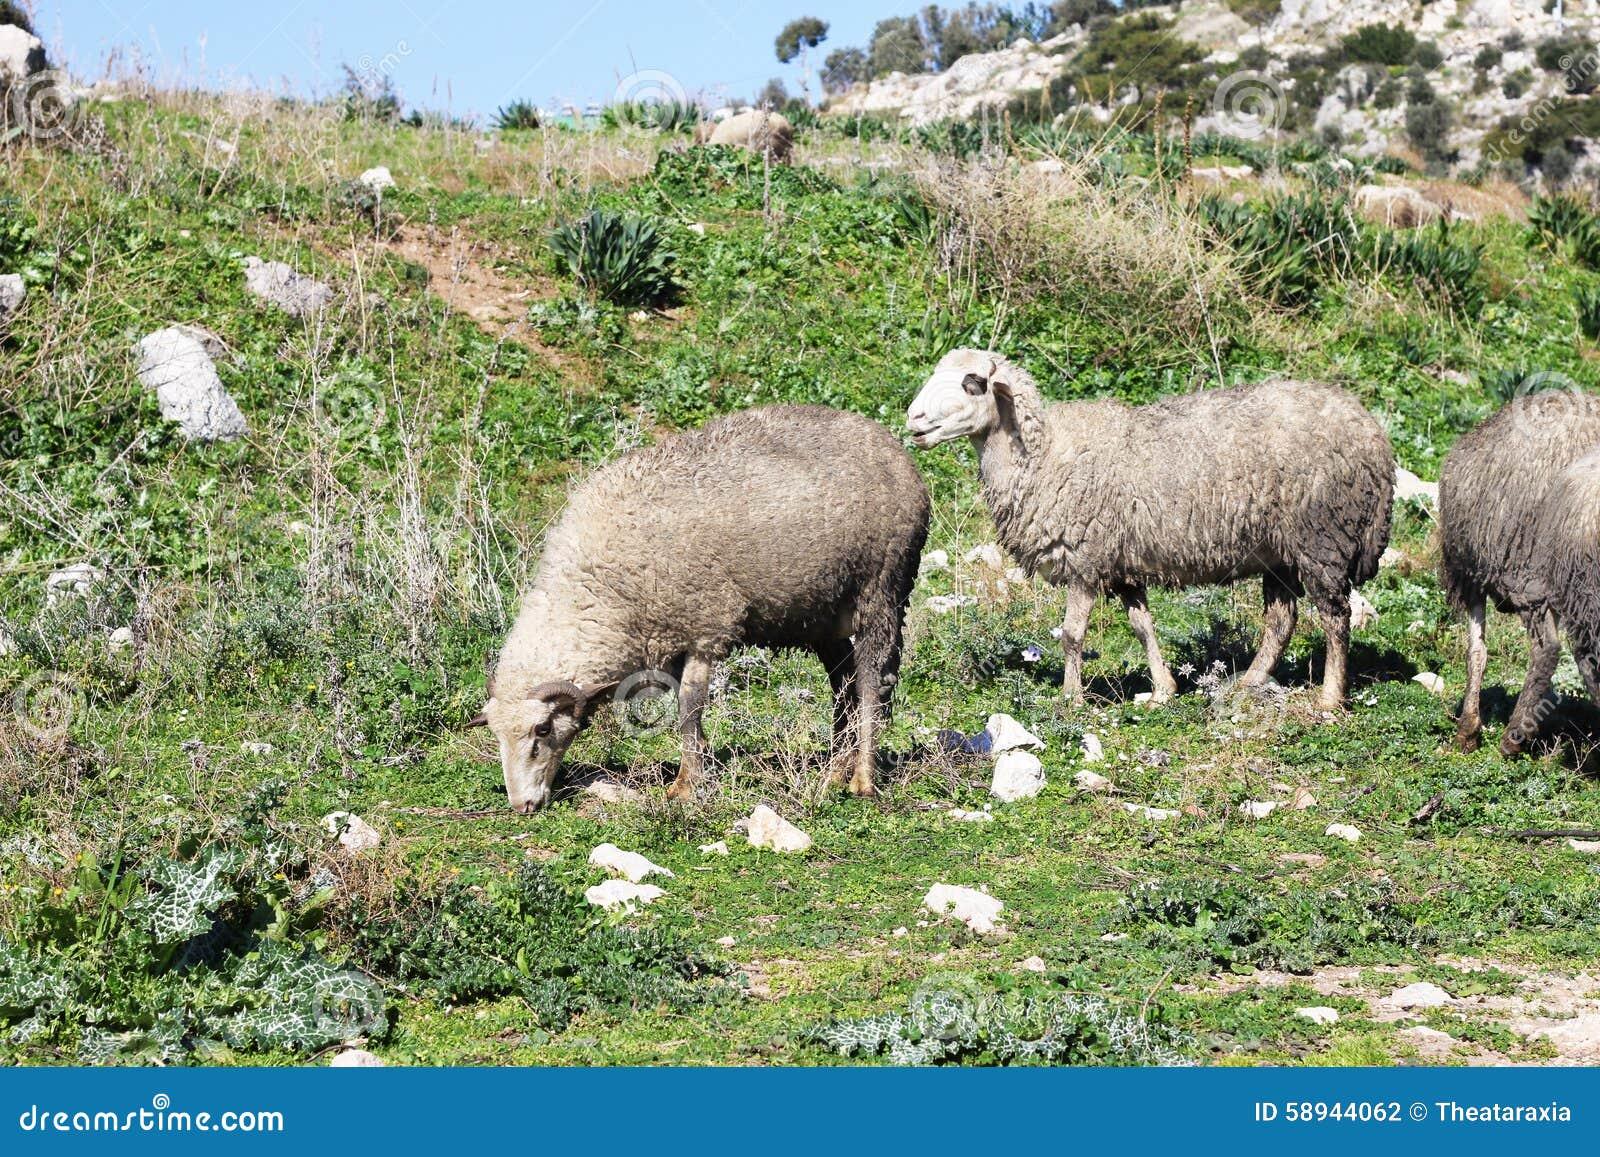 White sheep herd - photo#1